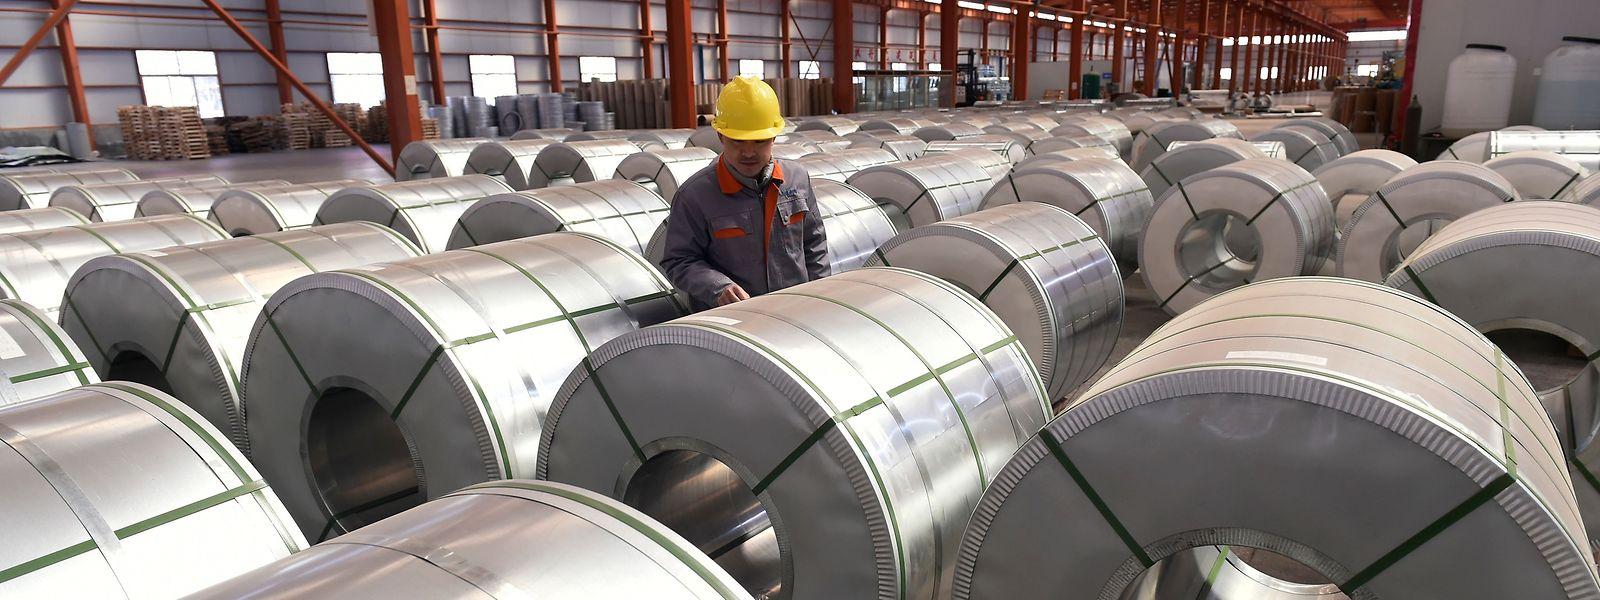 Parmi les salariés bénéficiant du chômage partiel, en août, figurent près de 80 employés de Liberty Steel Dudelange.